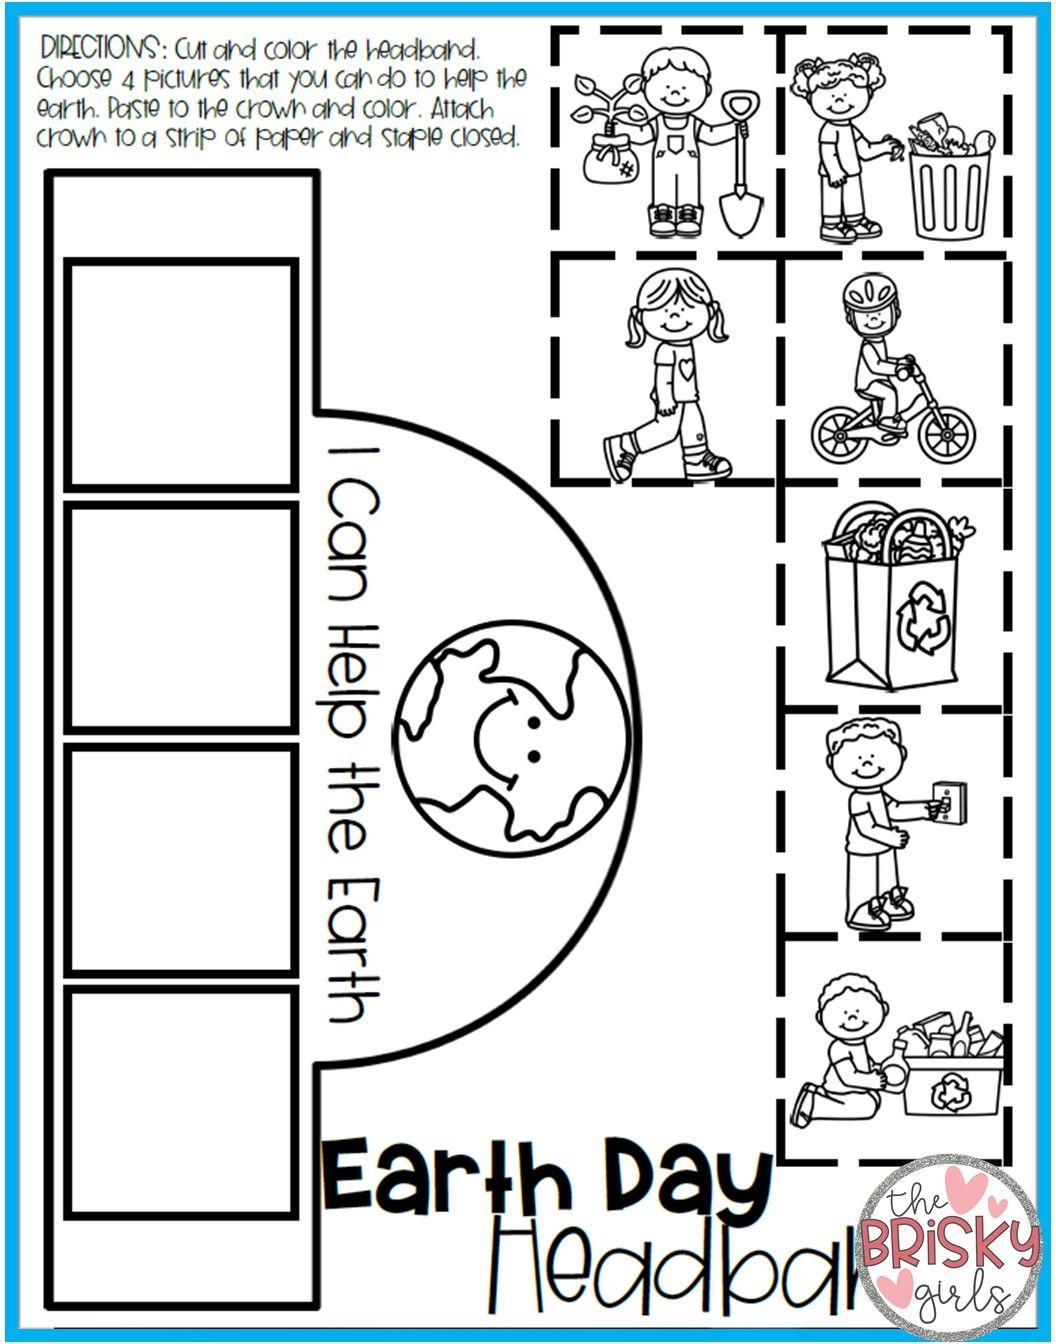 Earth Day Activities Earth Day Activities For Kids Earth